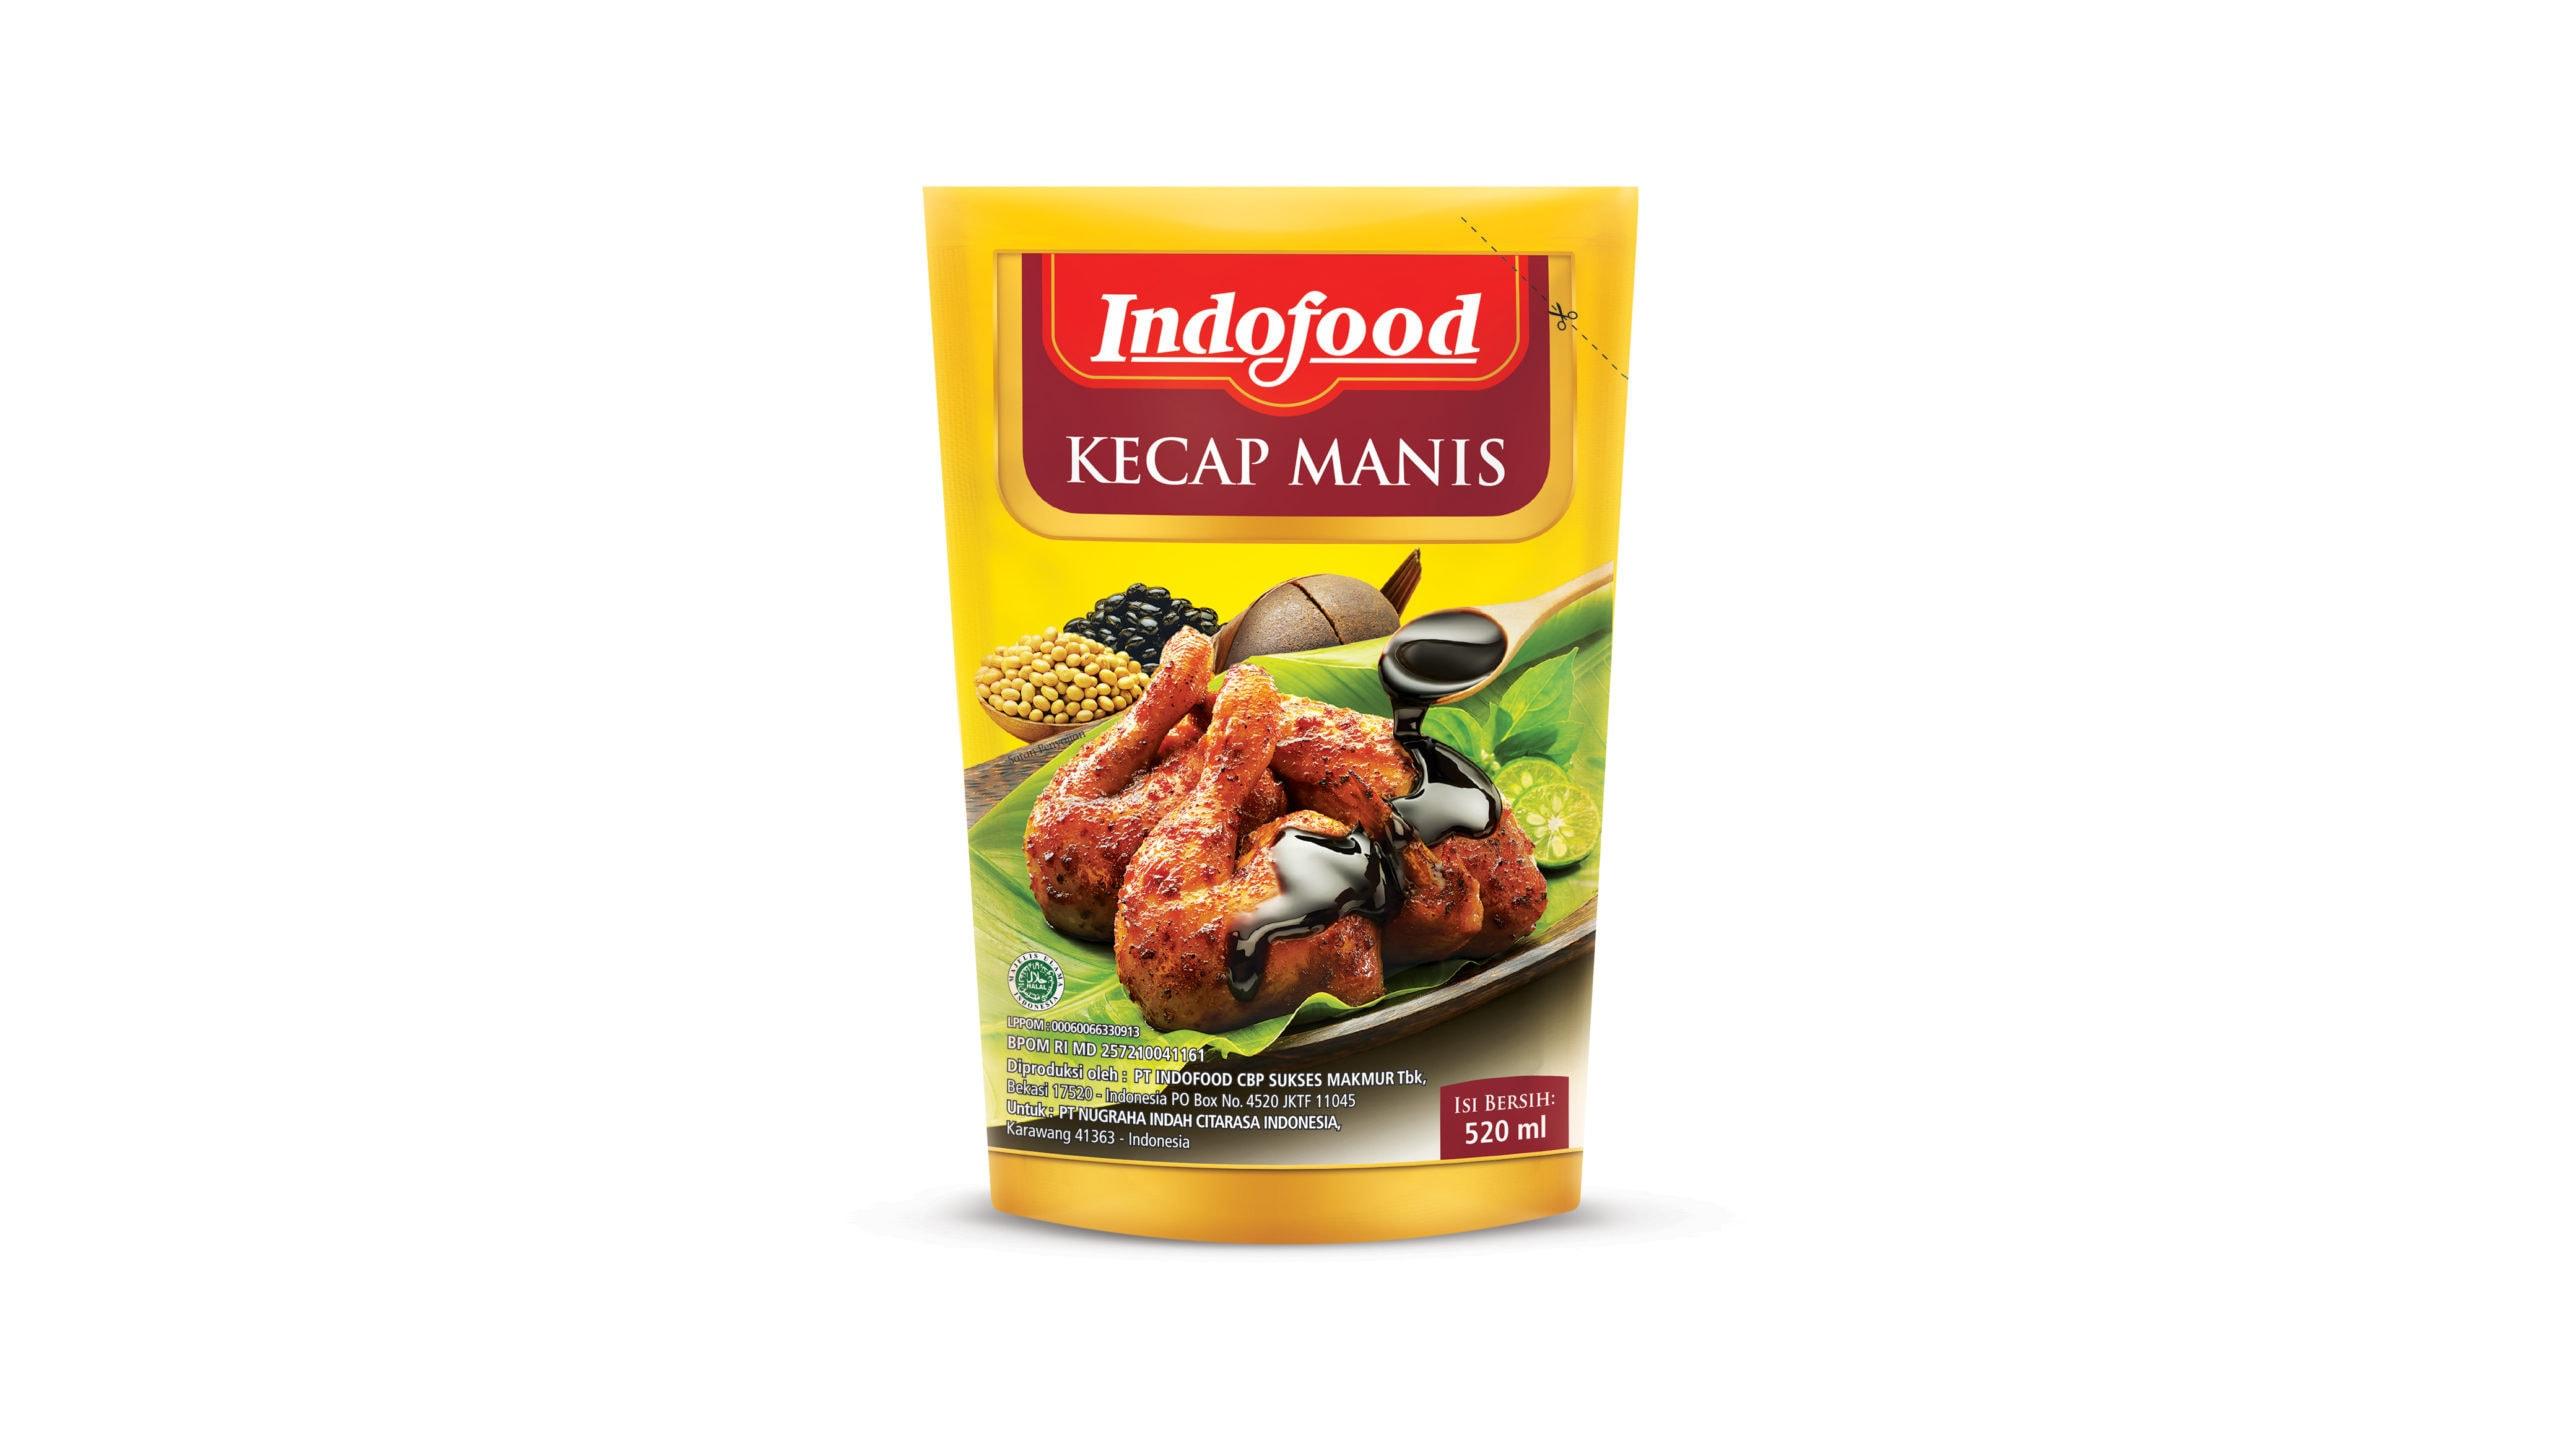 KECAP MANIS-Before